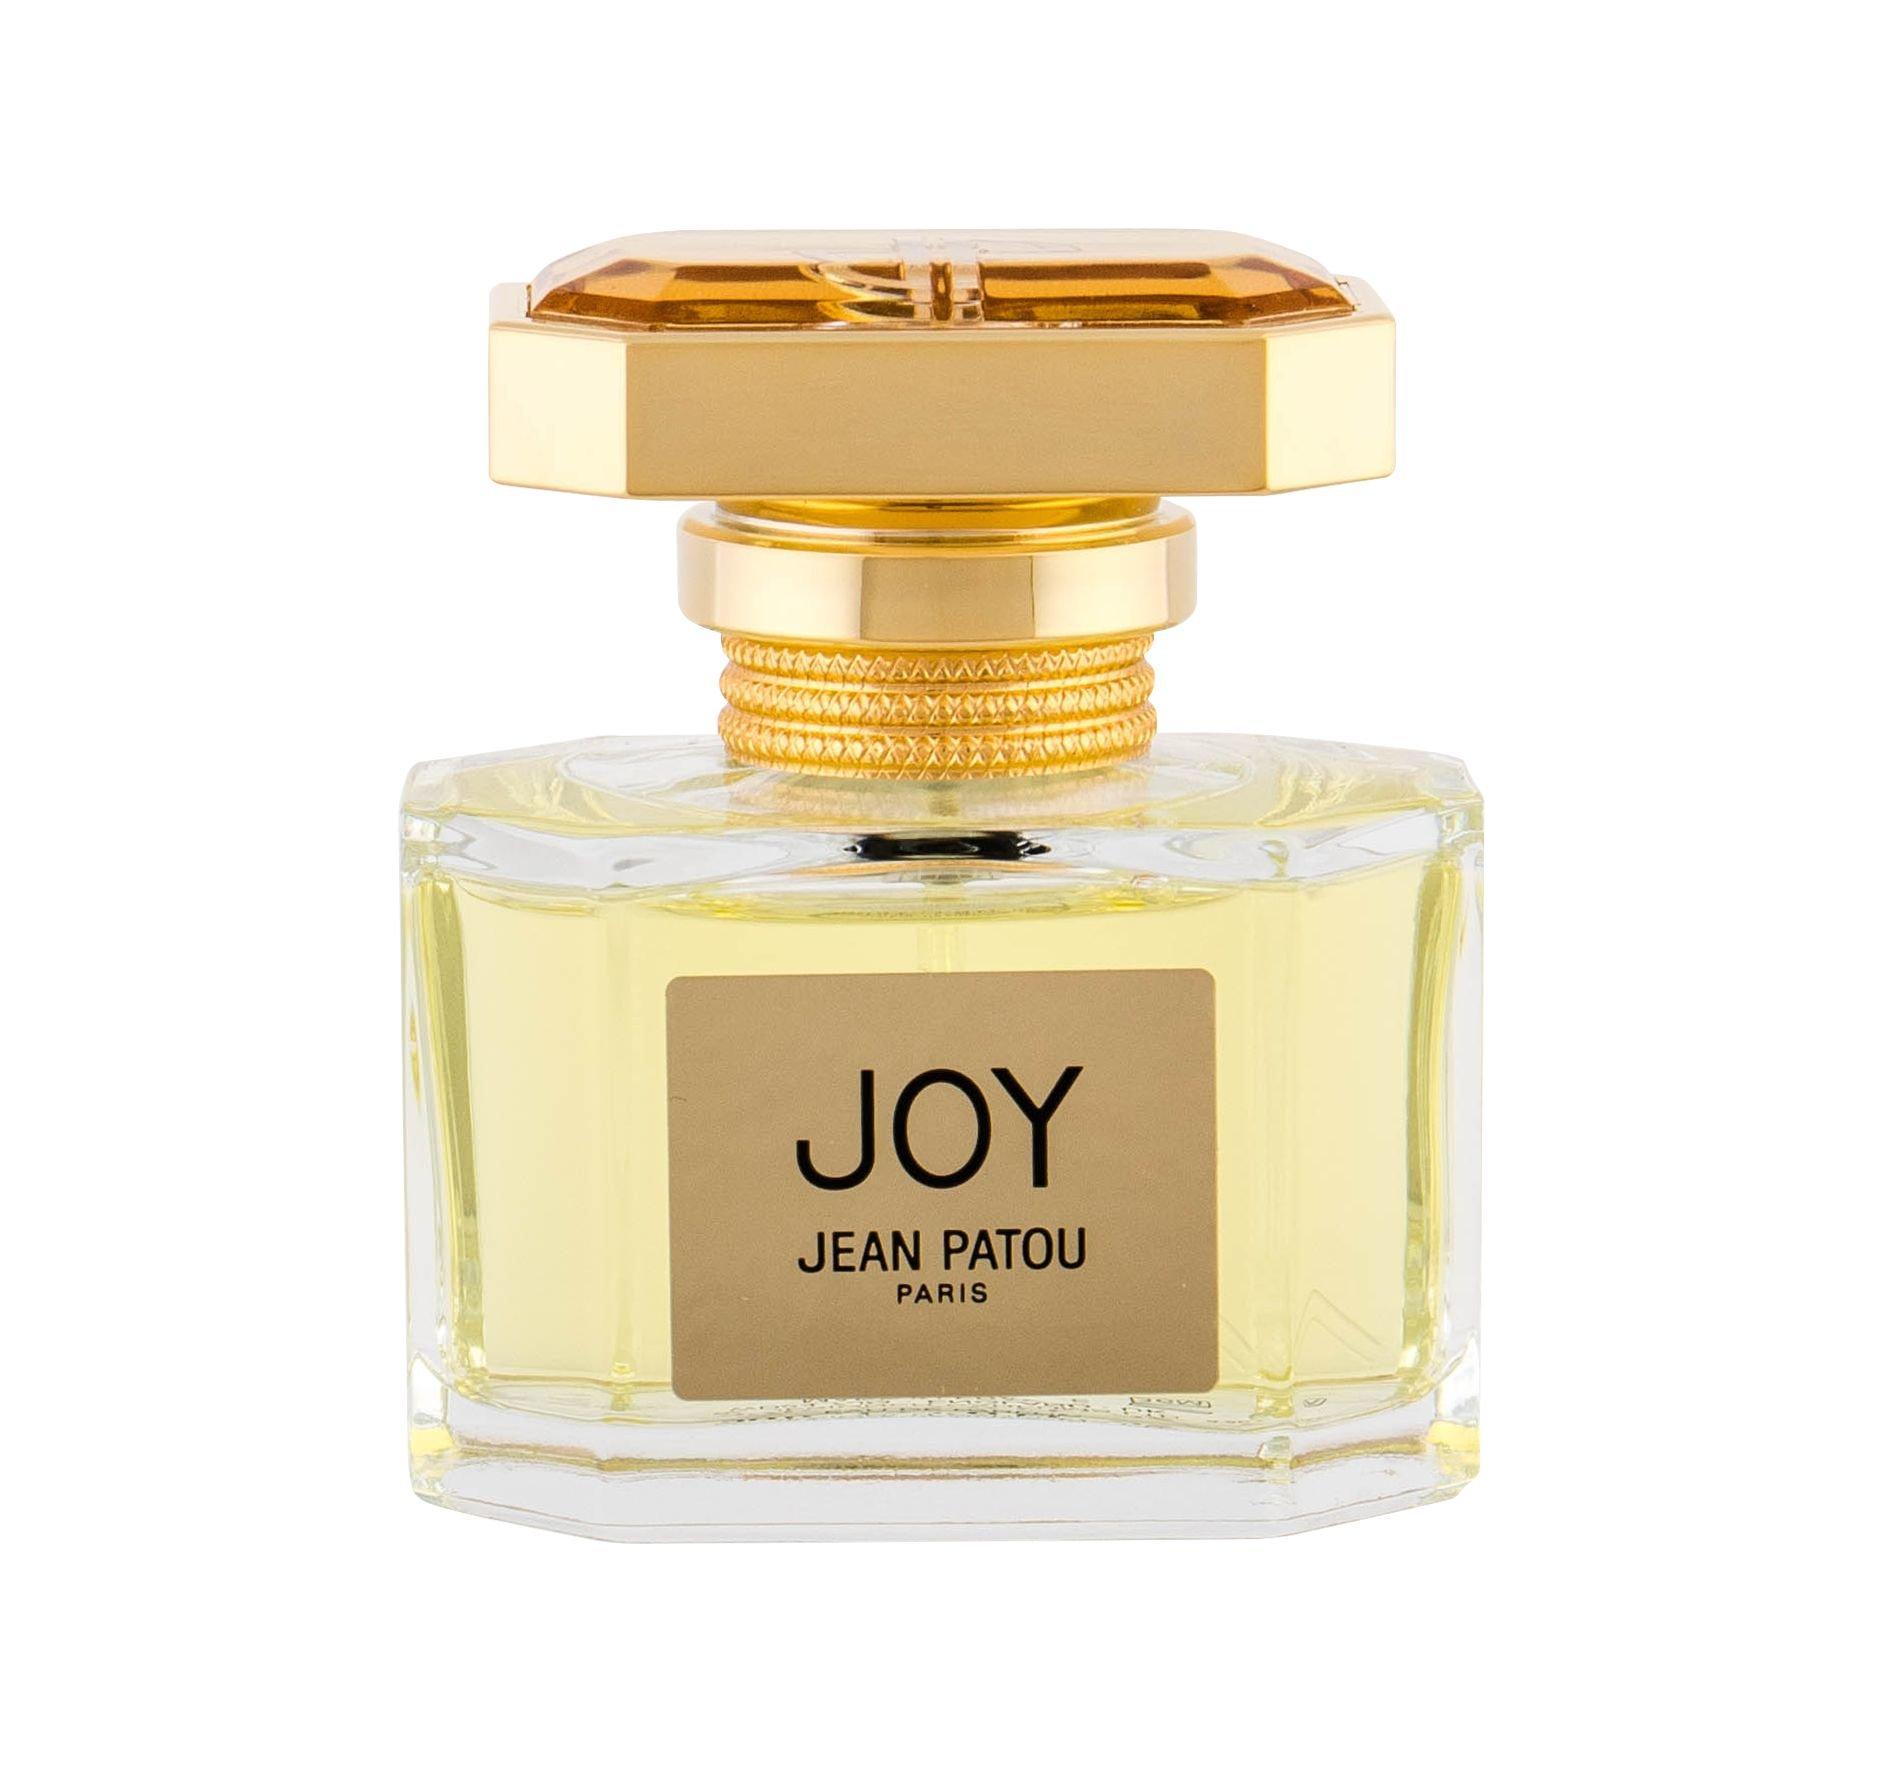 Jean Patou Joy Eau de Parfum 30ml